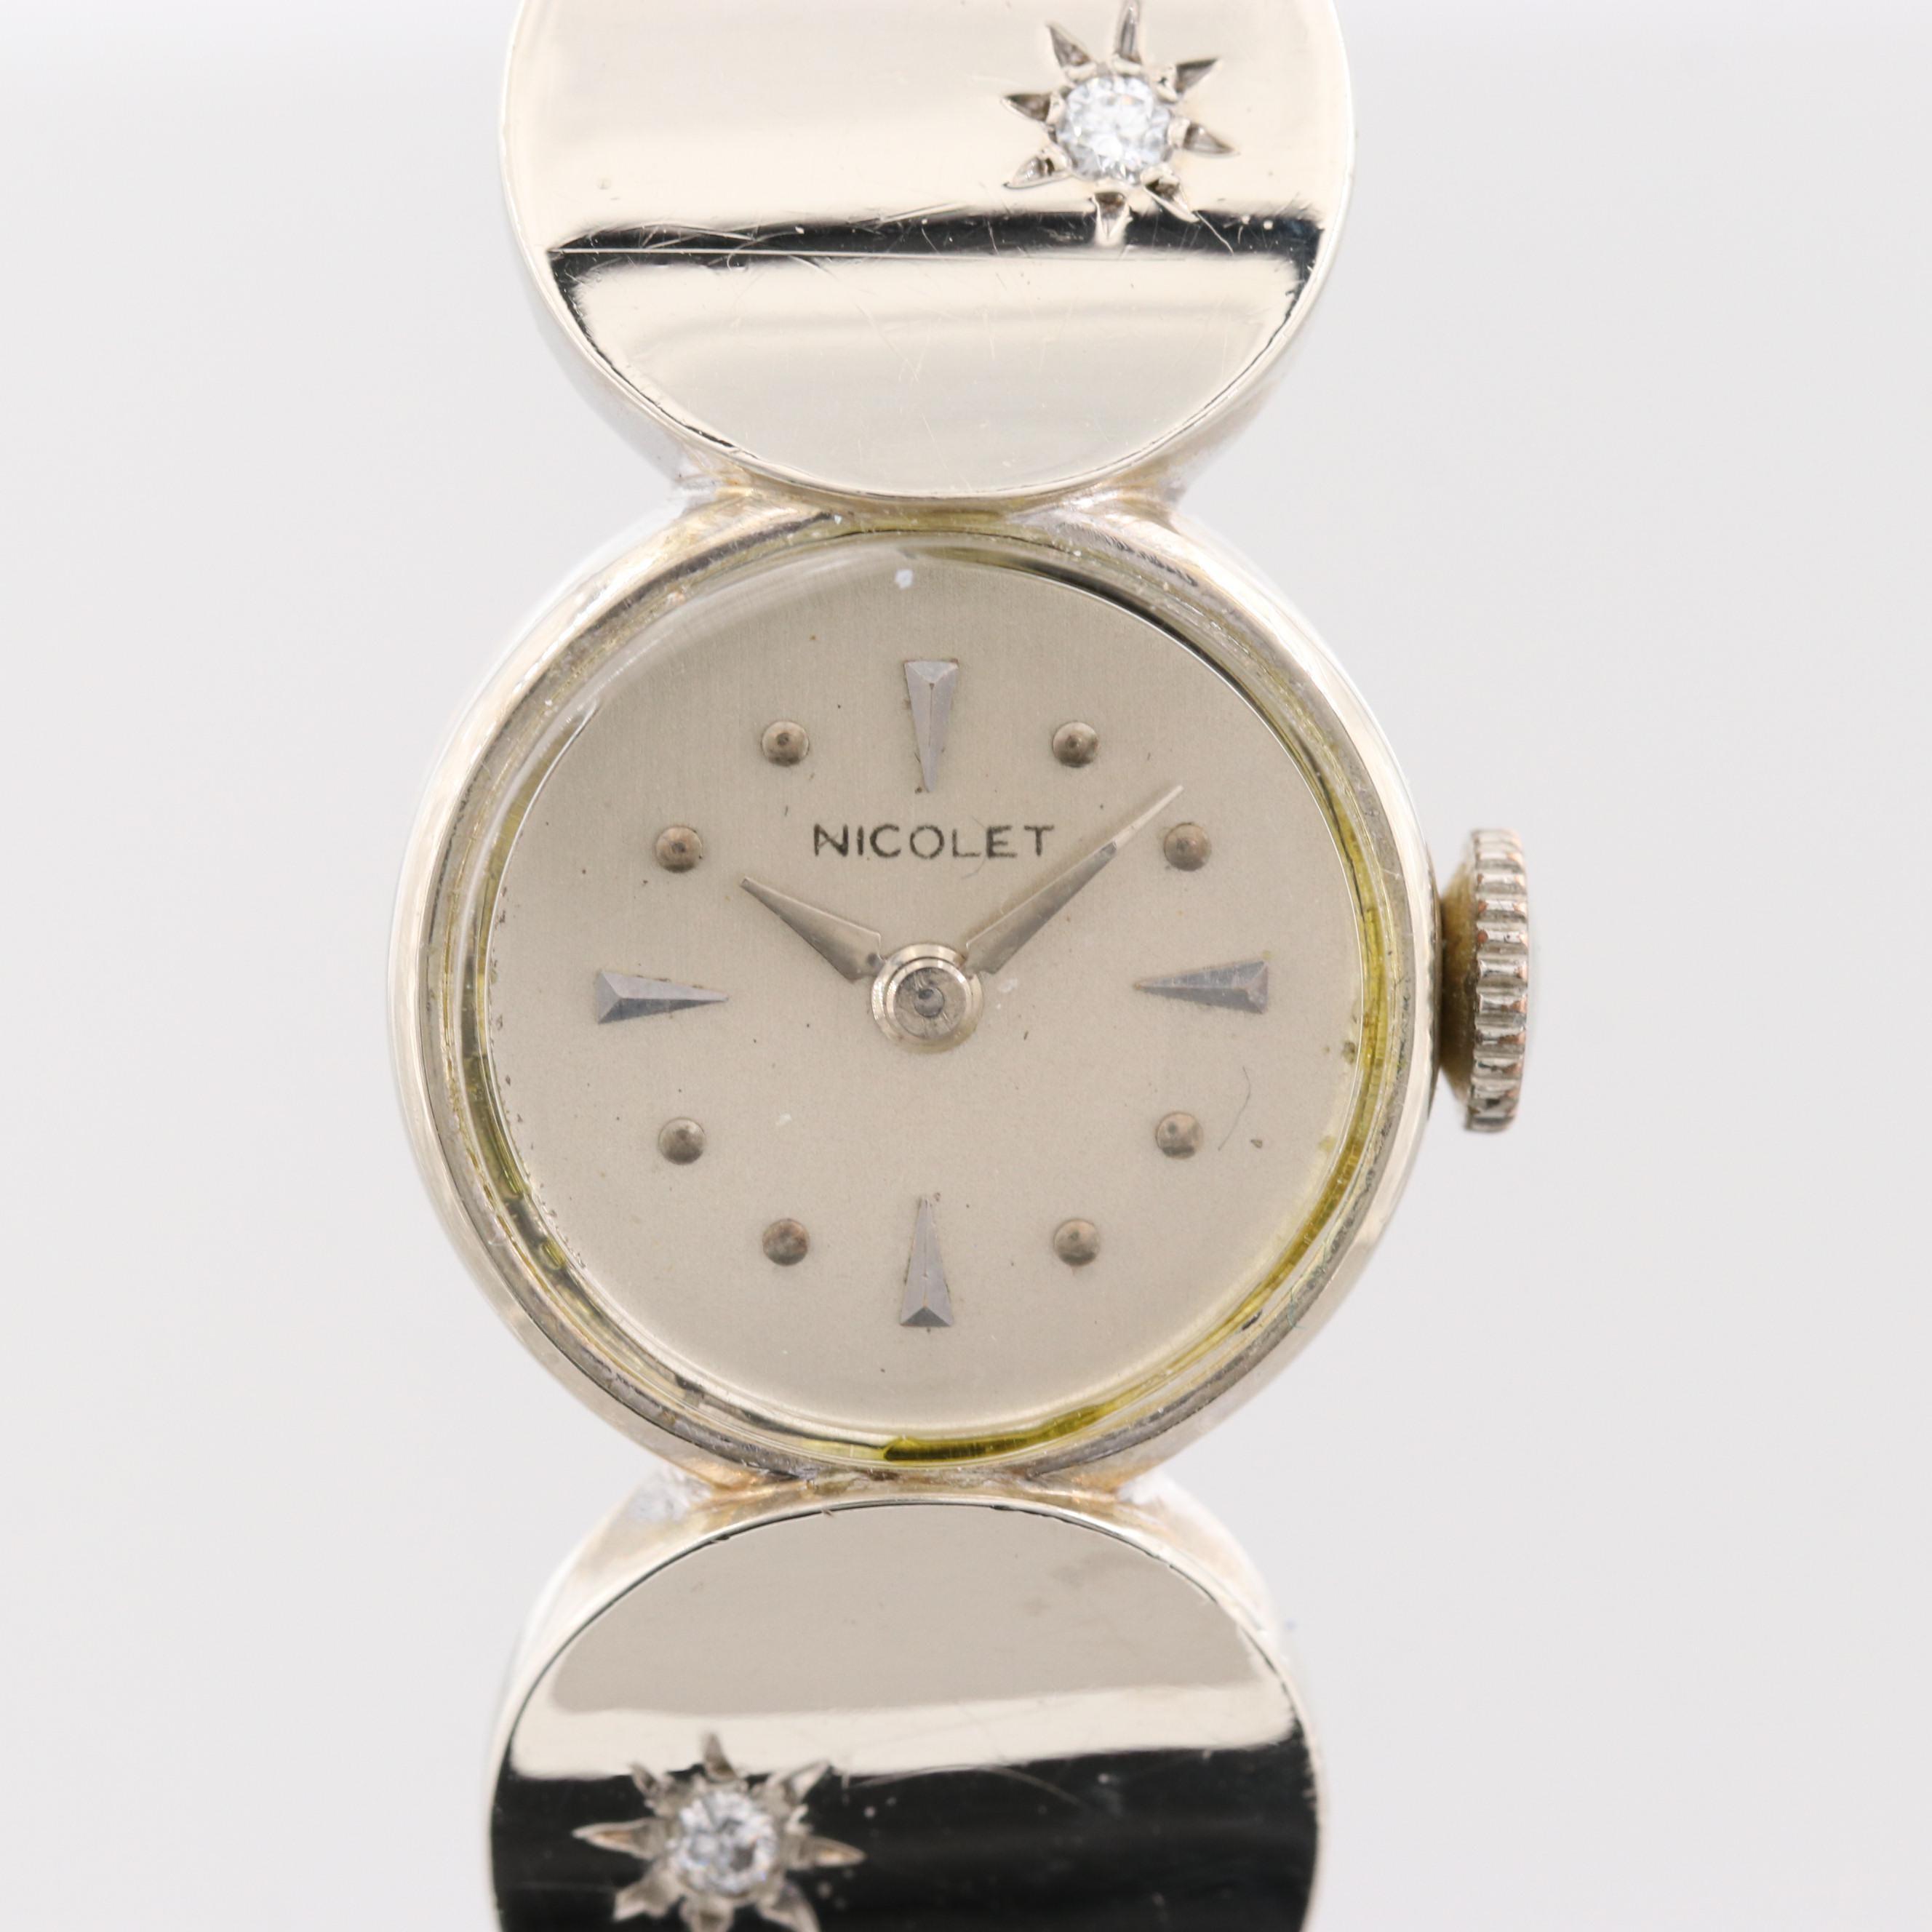 Nicolet 14K White Gold Wristwatch With Diamonds